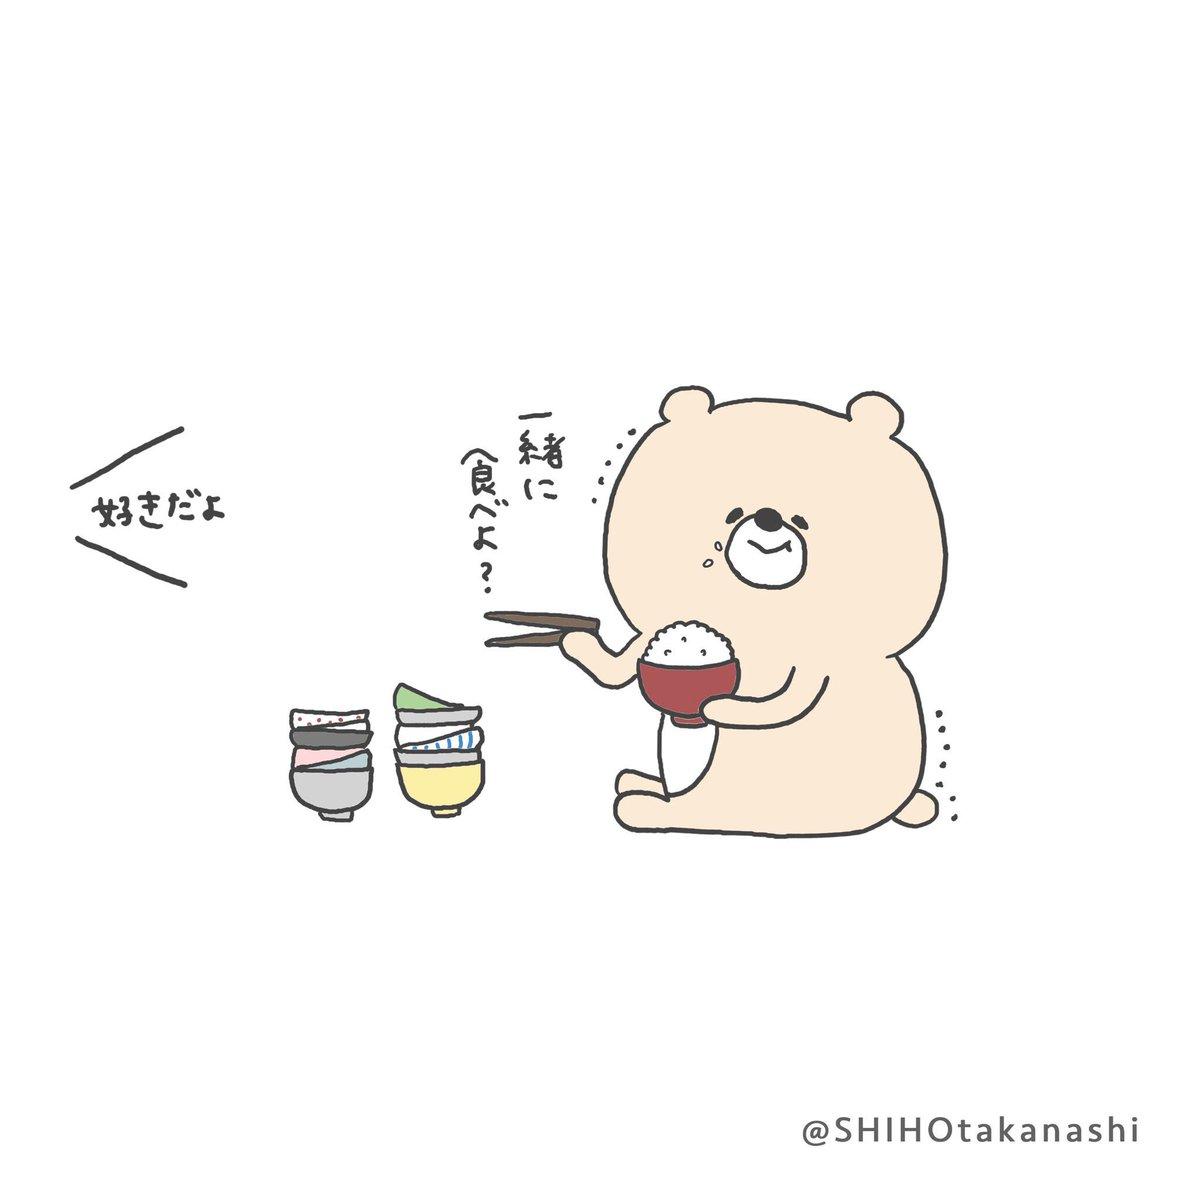 キミがすきだよと言われたらその言葉だけでごはん100杯いける。本当は食べきれないから一緒に食べたい。…